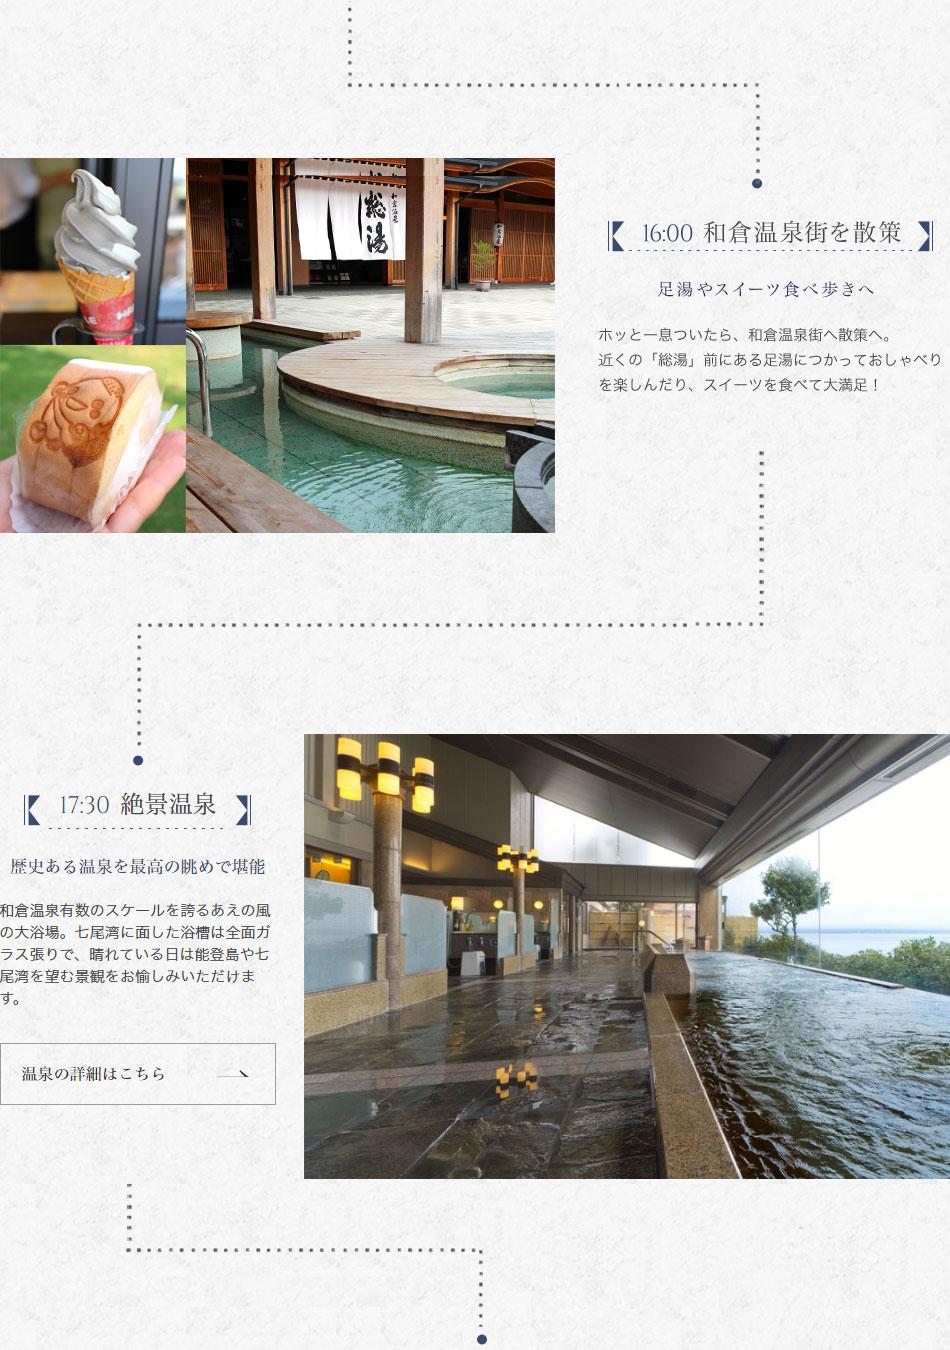 16:00 和倉温泉街を散策 17:30 絶景温泉